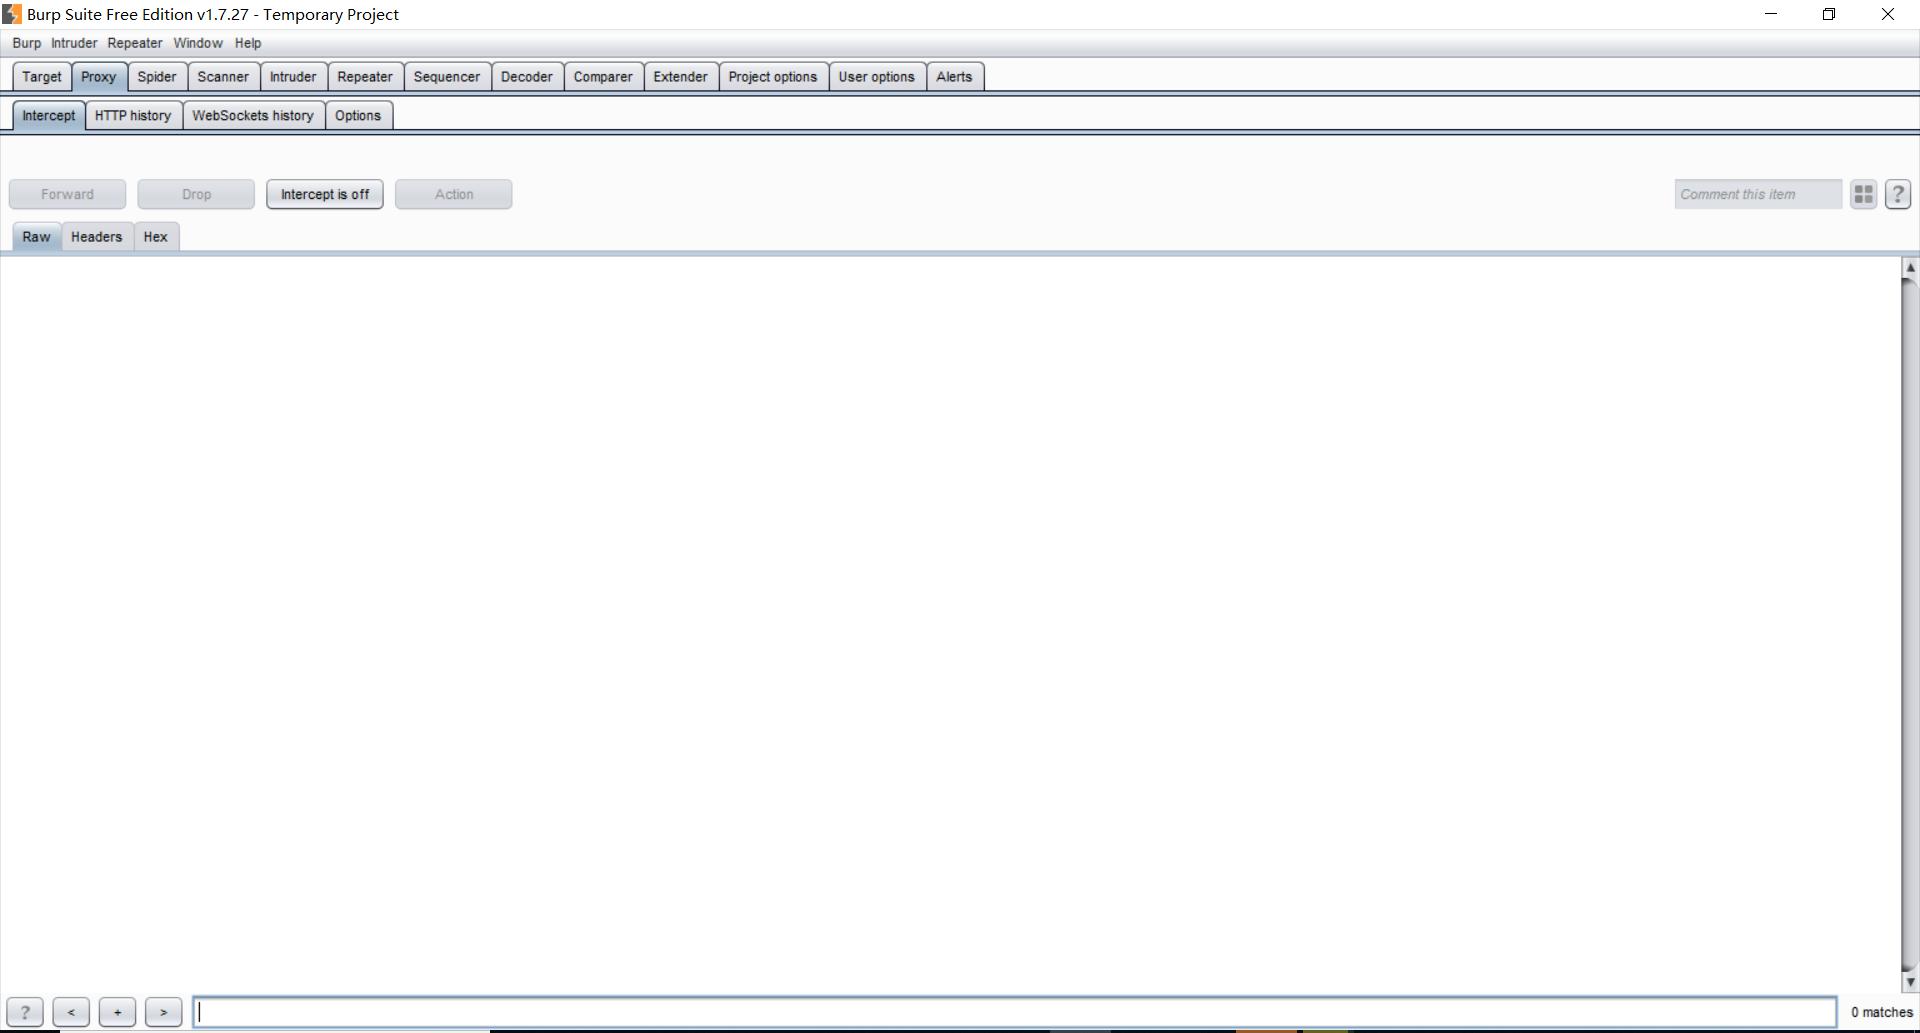 某HR业务网站逻辑漏洞挖掘案例以及POC编写思路分享